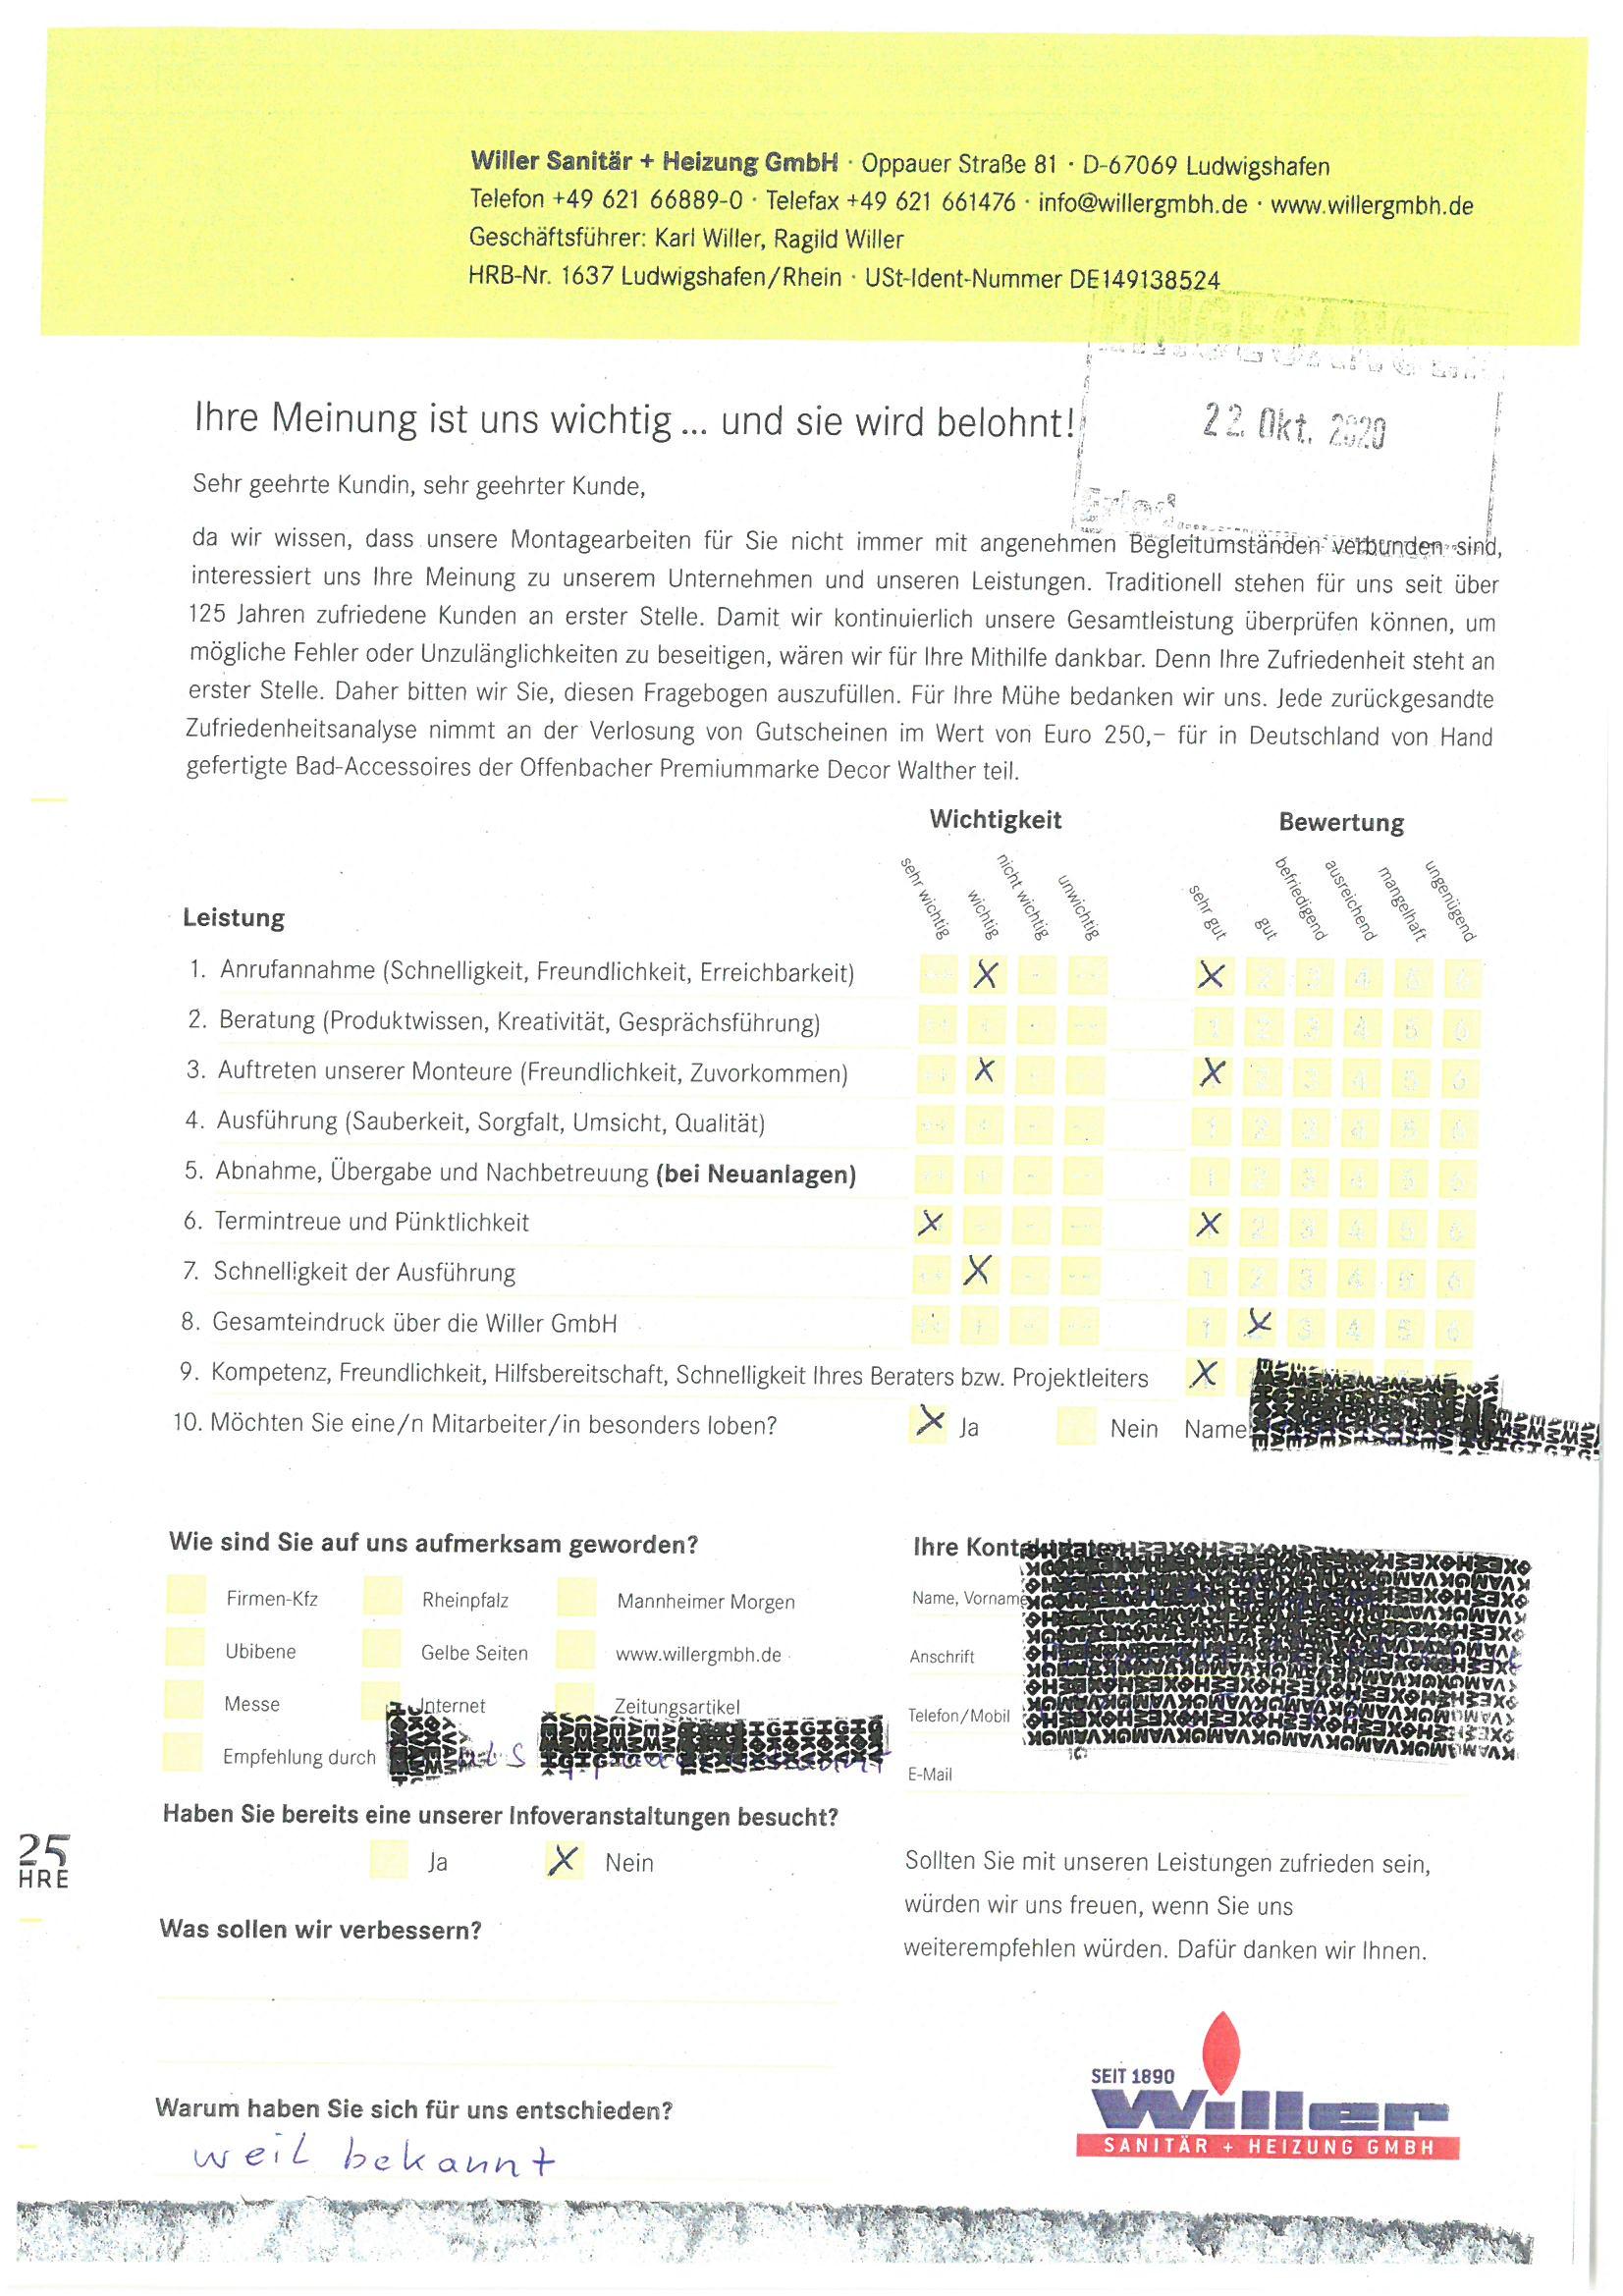 Bewertungen_Willer_Ludwigshafen_2020_ (11)